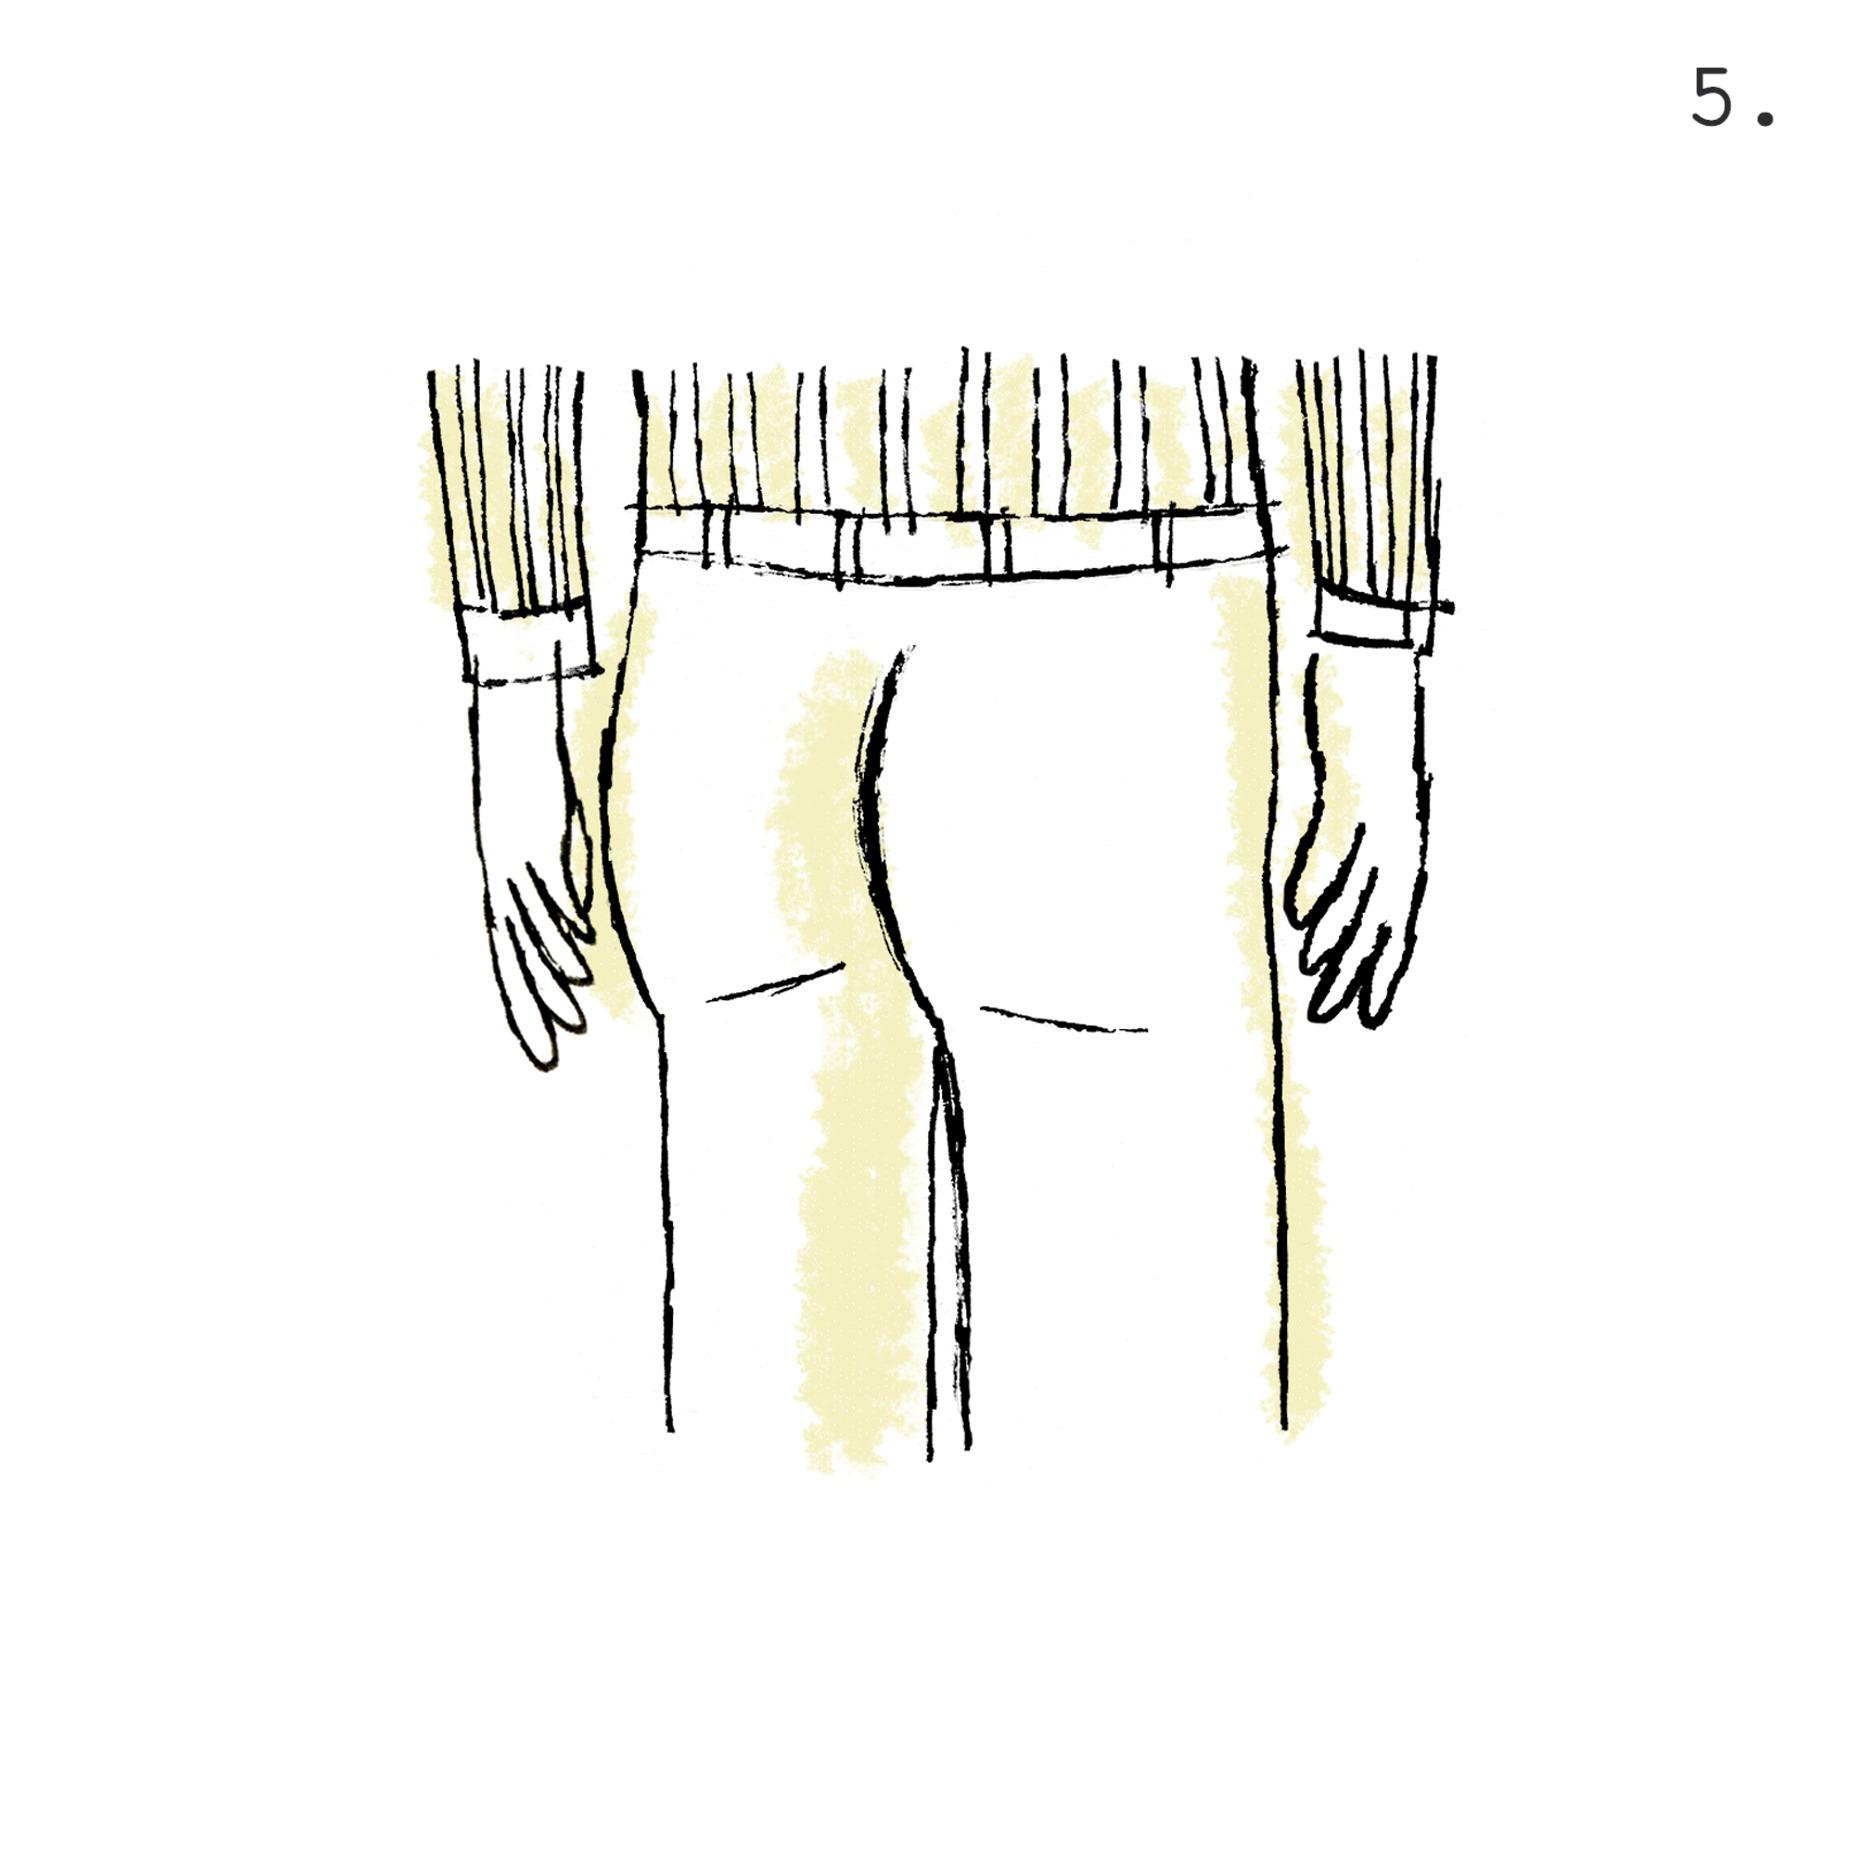 Potts and Pants page 5